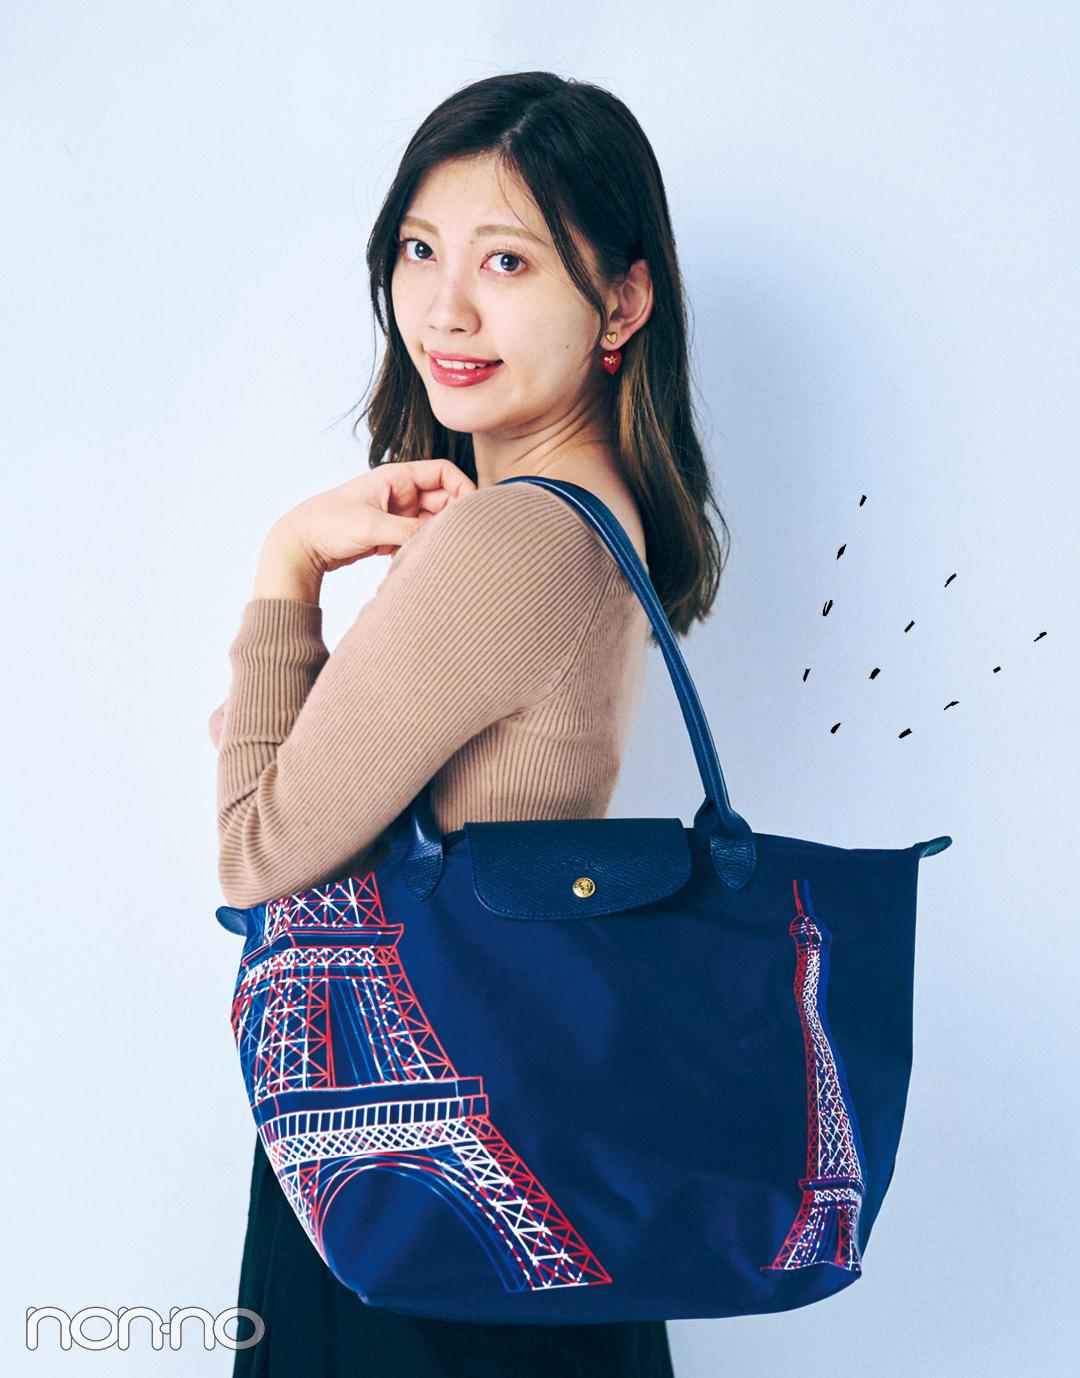 【新しい日常のバッグの中身大調査】愛用はロンシャン♡ 身軽さ重視のIT社員の場合♡_1_3